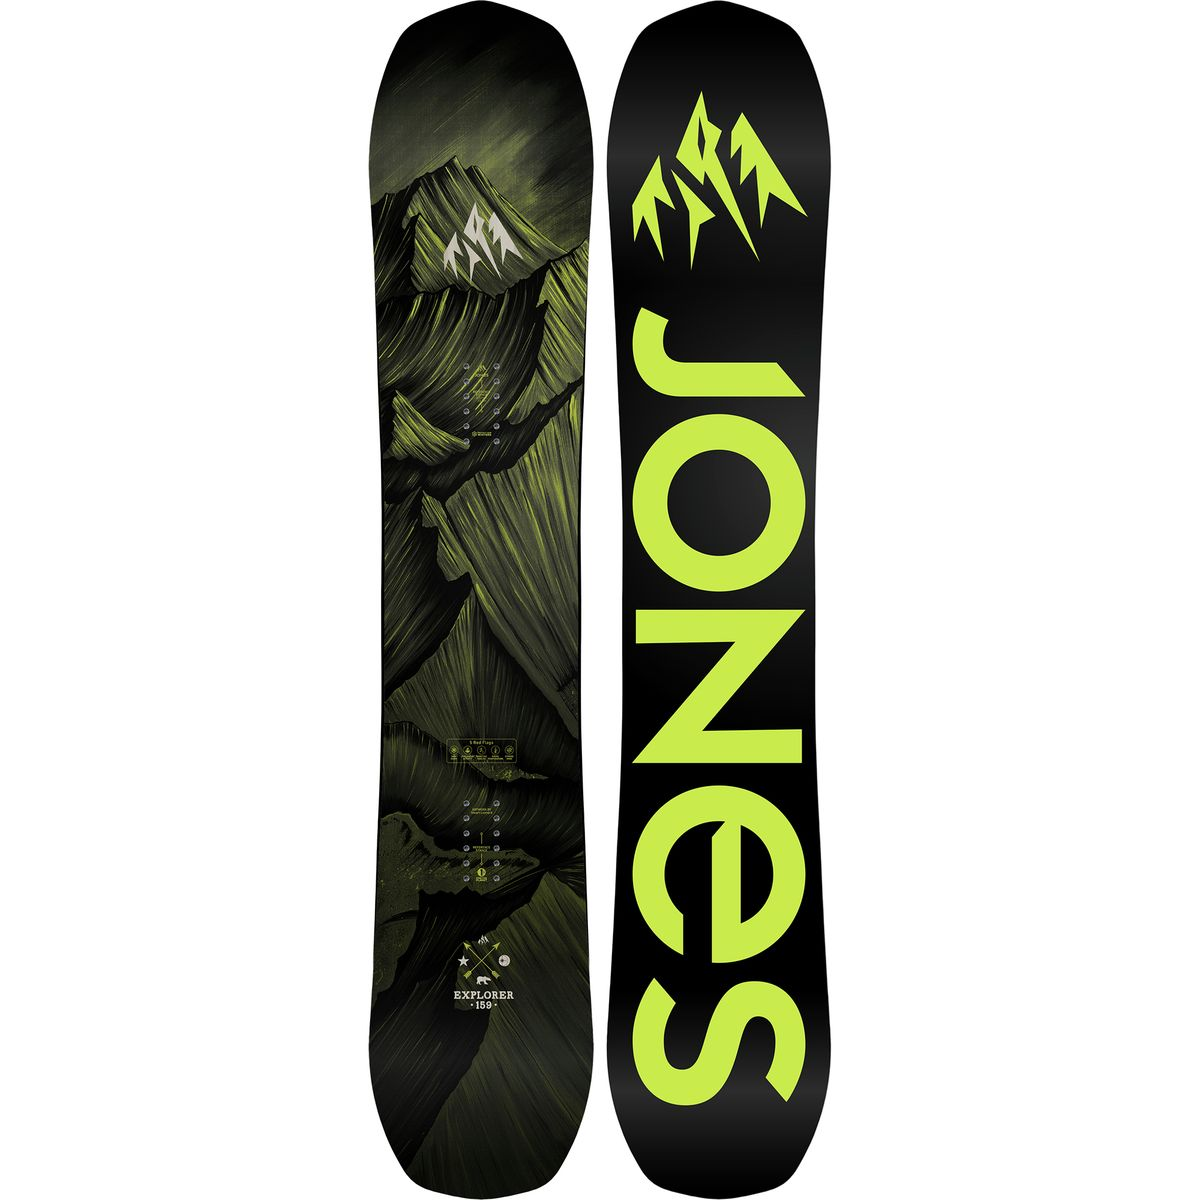 Сноуборд JONES EXPLORER FW18 купить в Москве, Санкт-Петербурге. Сноуборд  JONES EXPLORER FW18 цена, отзывы, скидки в магазине Траектория 41f7ef54d02